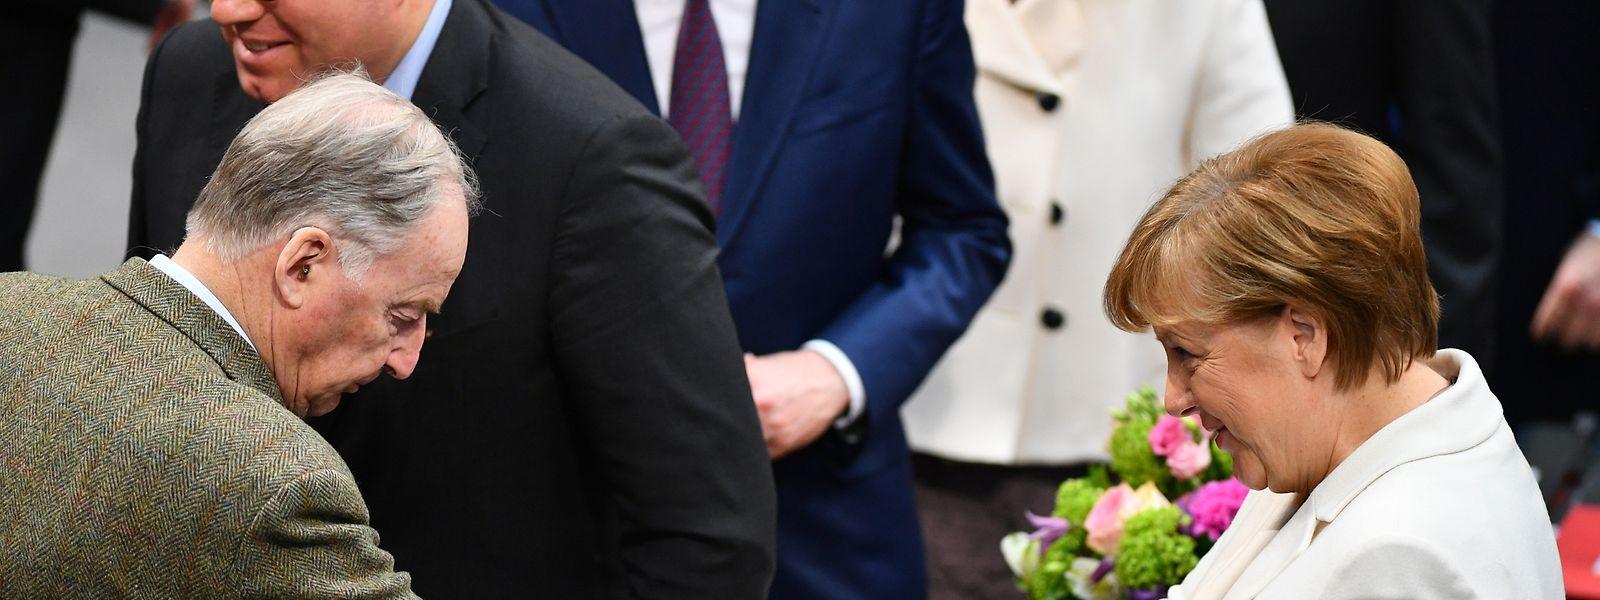 Auch AfD-Bundessprecher Alexander Gauland, der zu den schärfsten Kritikern der Kanzlerin gehört, gratulierte Angela Merkel nach der Wahl zur Bundeskanzlerin.